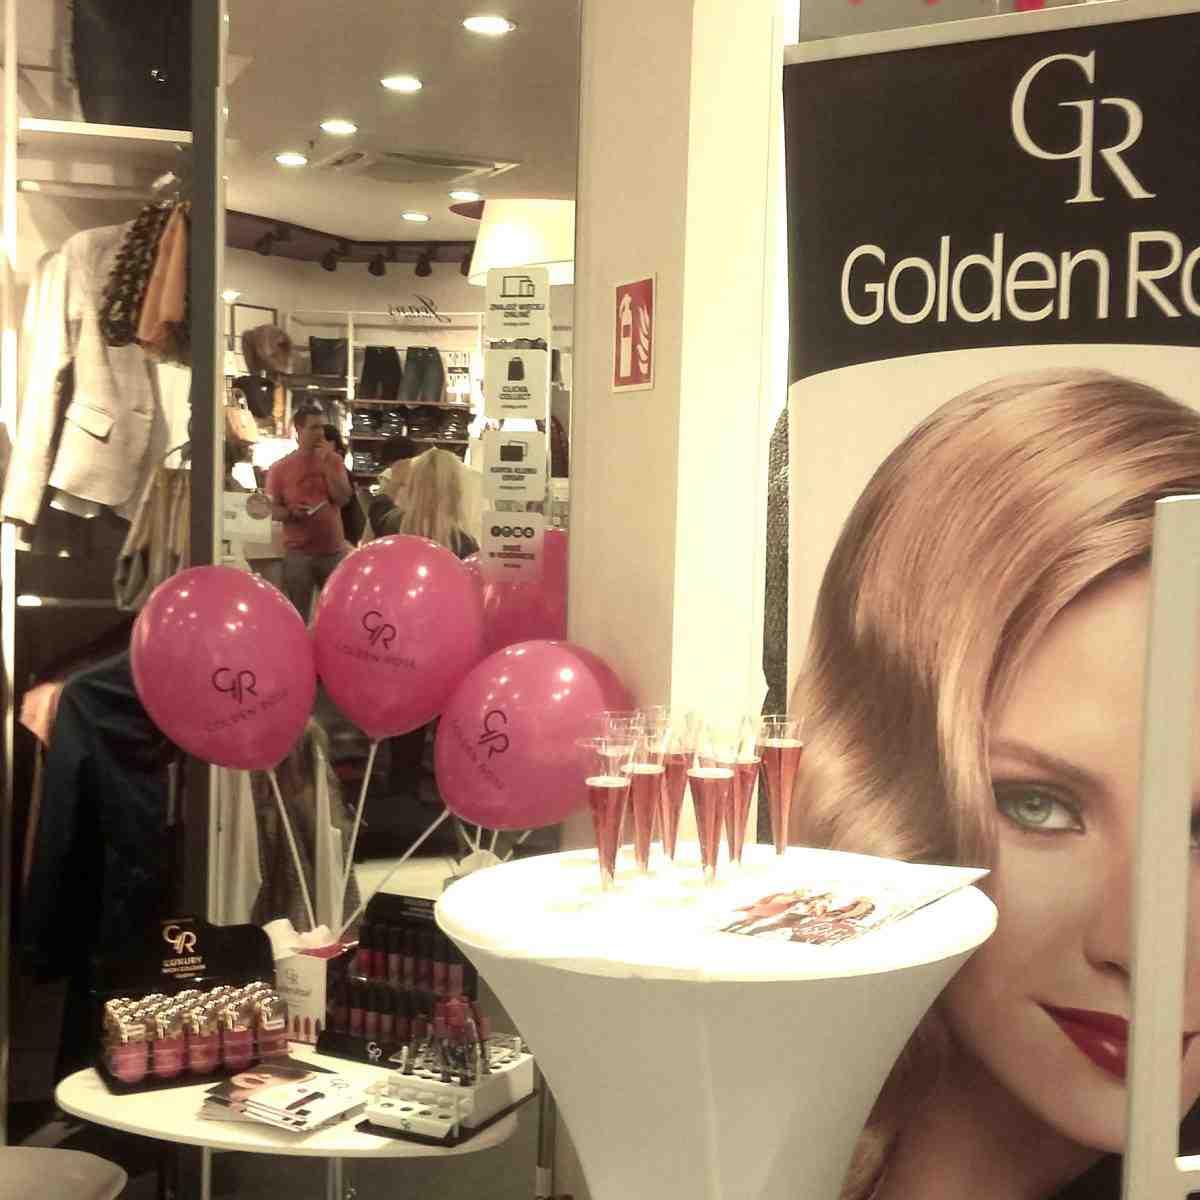 Dobór kolorystyczny pomadek pomógł podkreślić urodę poznanianek! Golden Rose podpowiadało klientkom Orsay w King Cross Marcelin w Poznaniu.